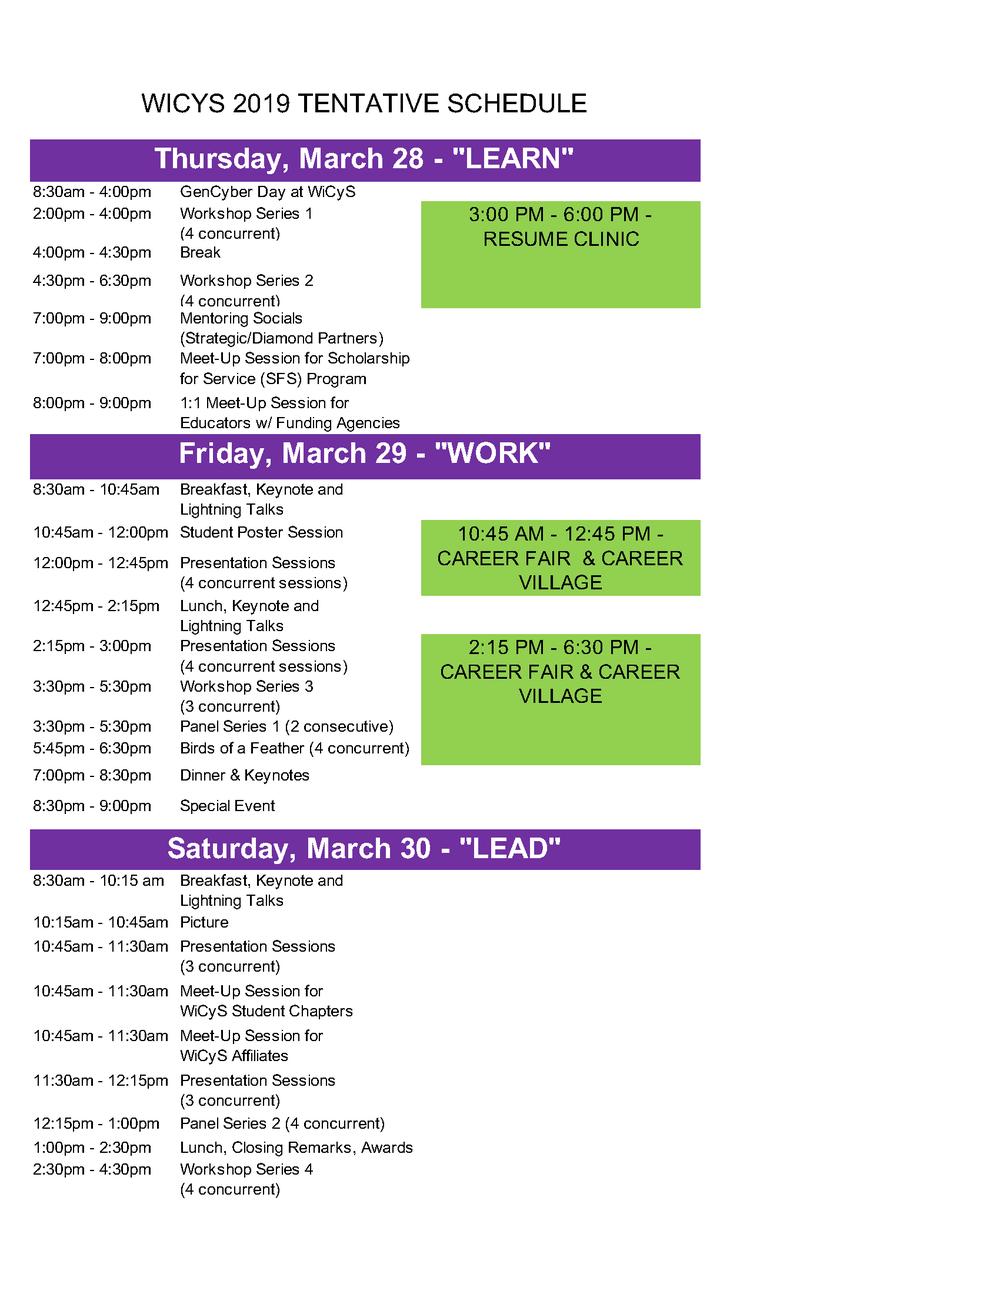 WICYS 2019 Skeleton Schedule as of 2-13-2019.png